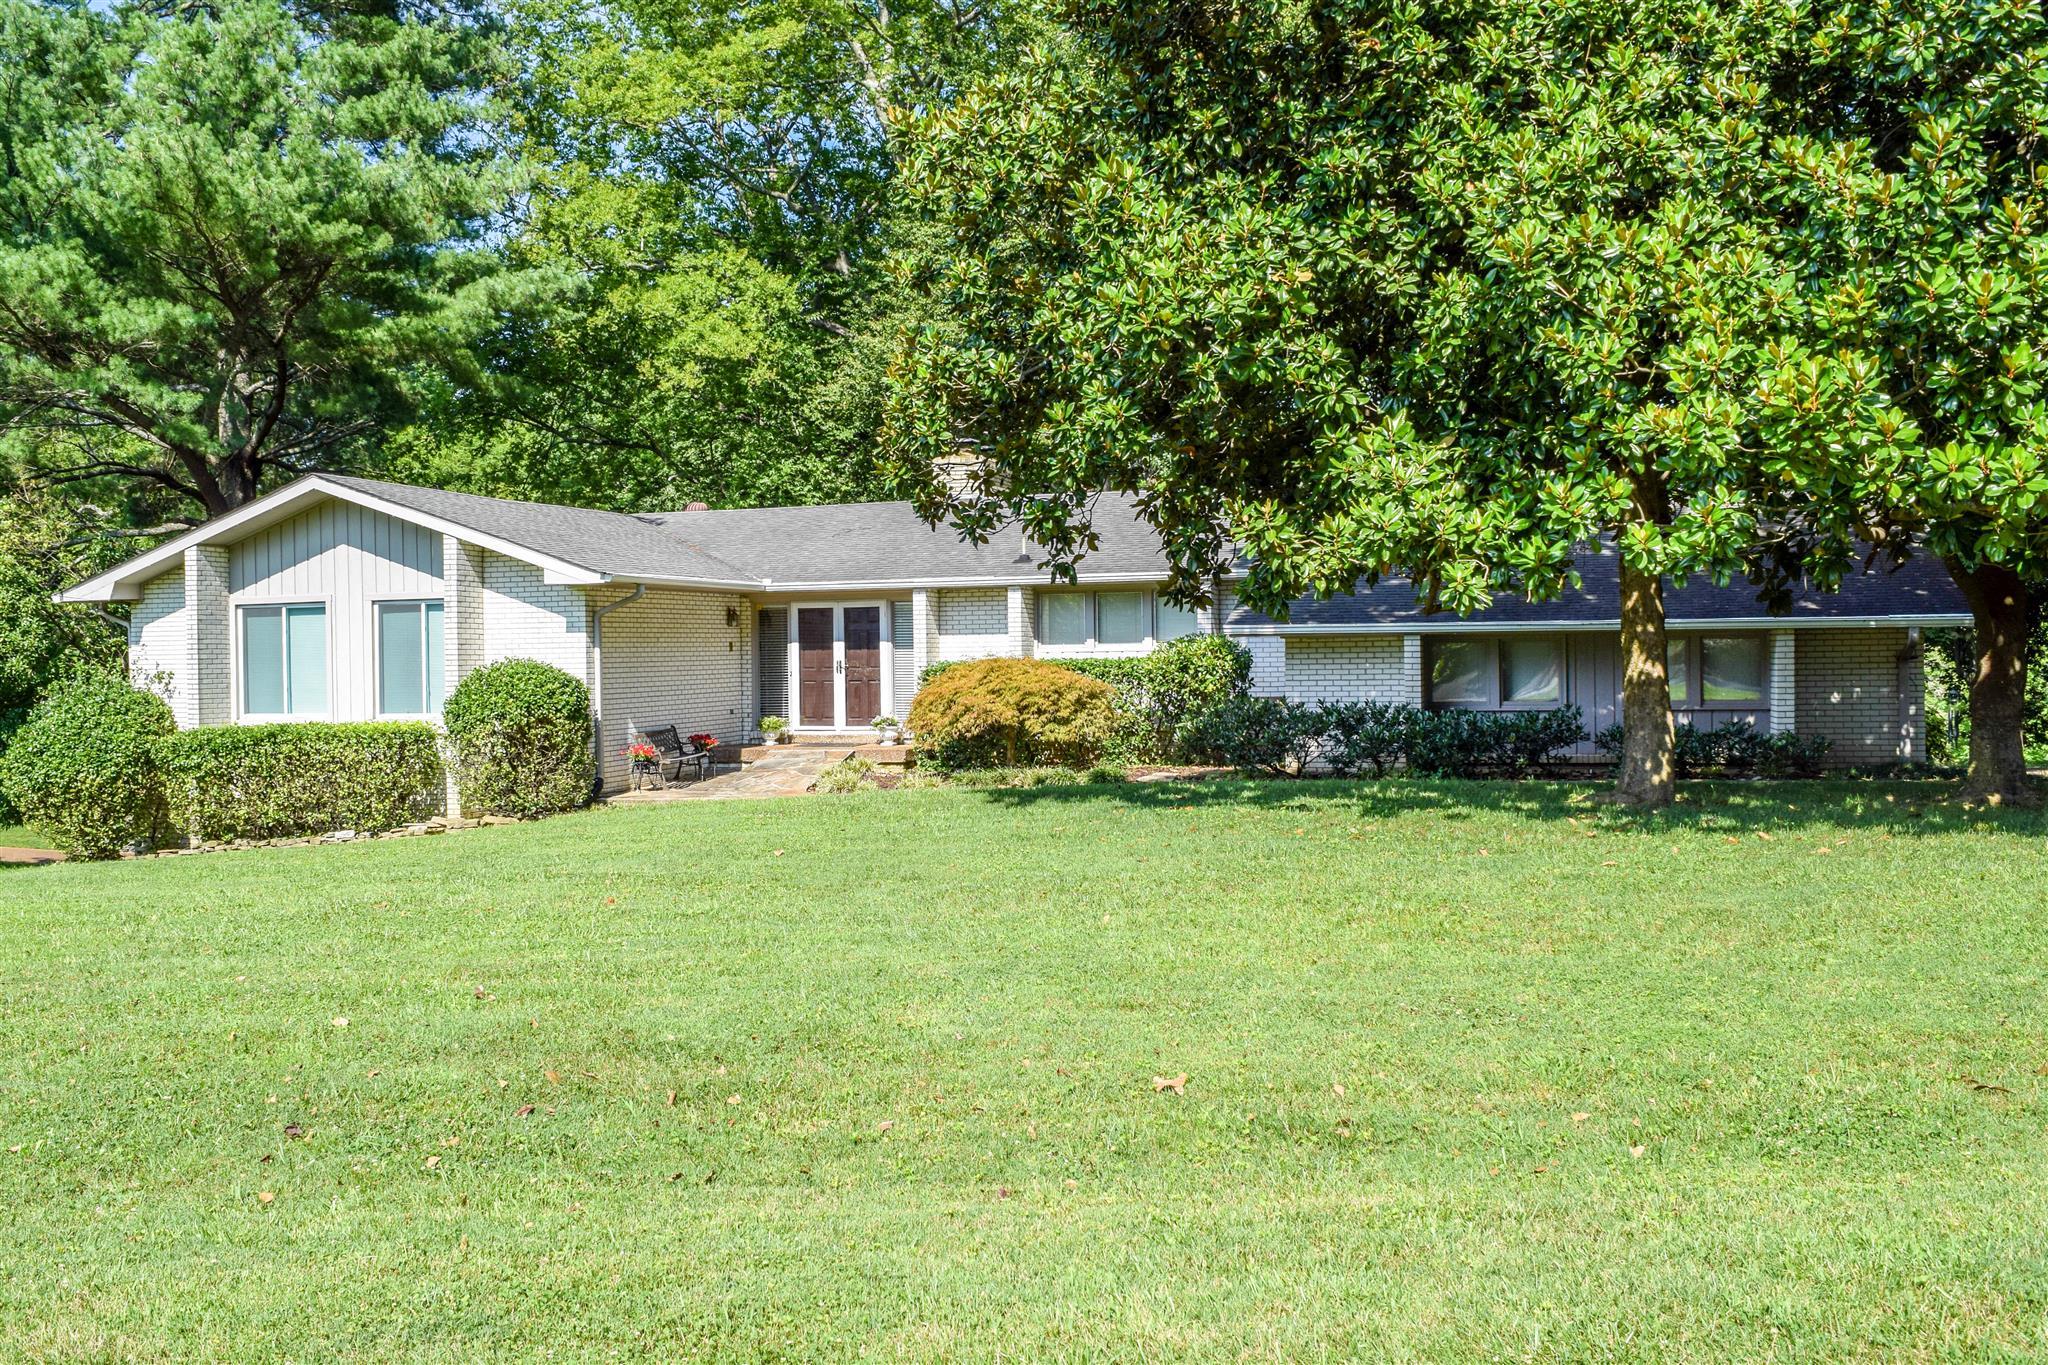 101 The Landings Hendersonville, TN 37075